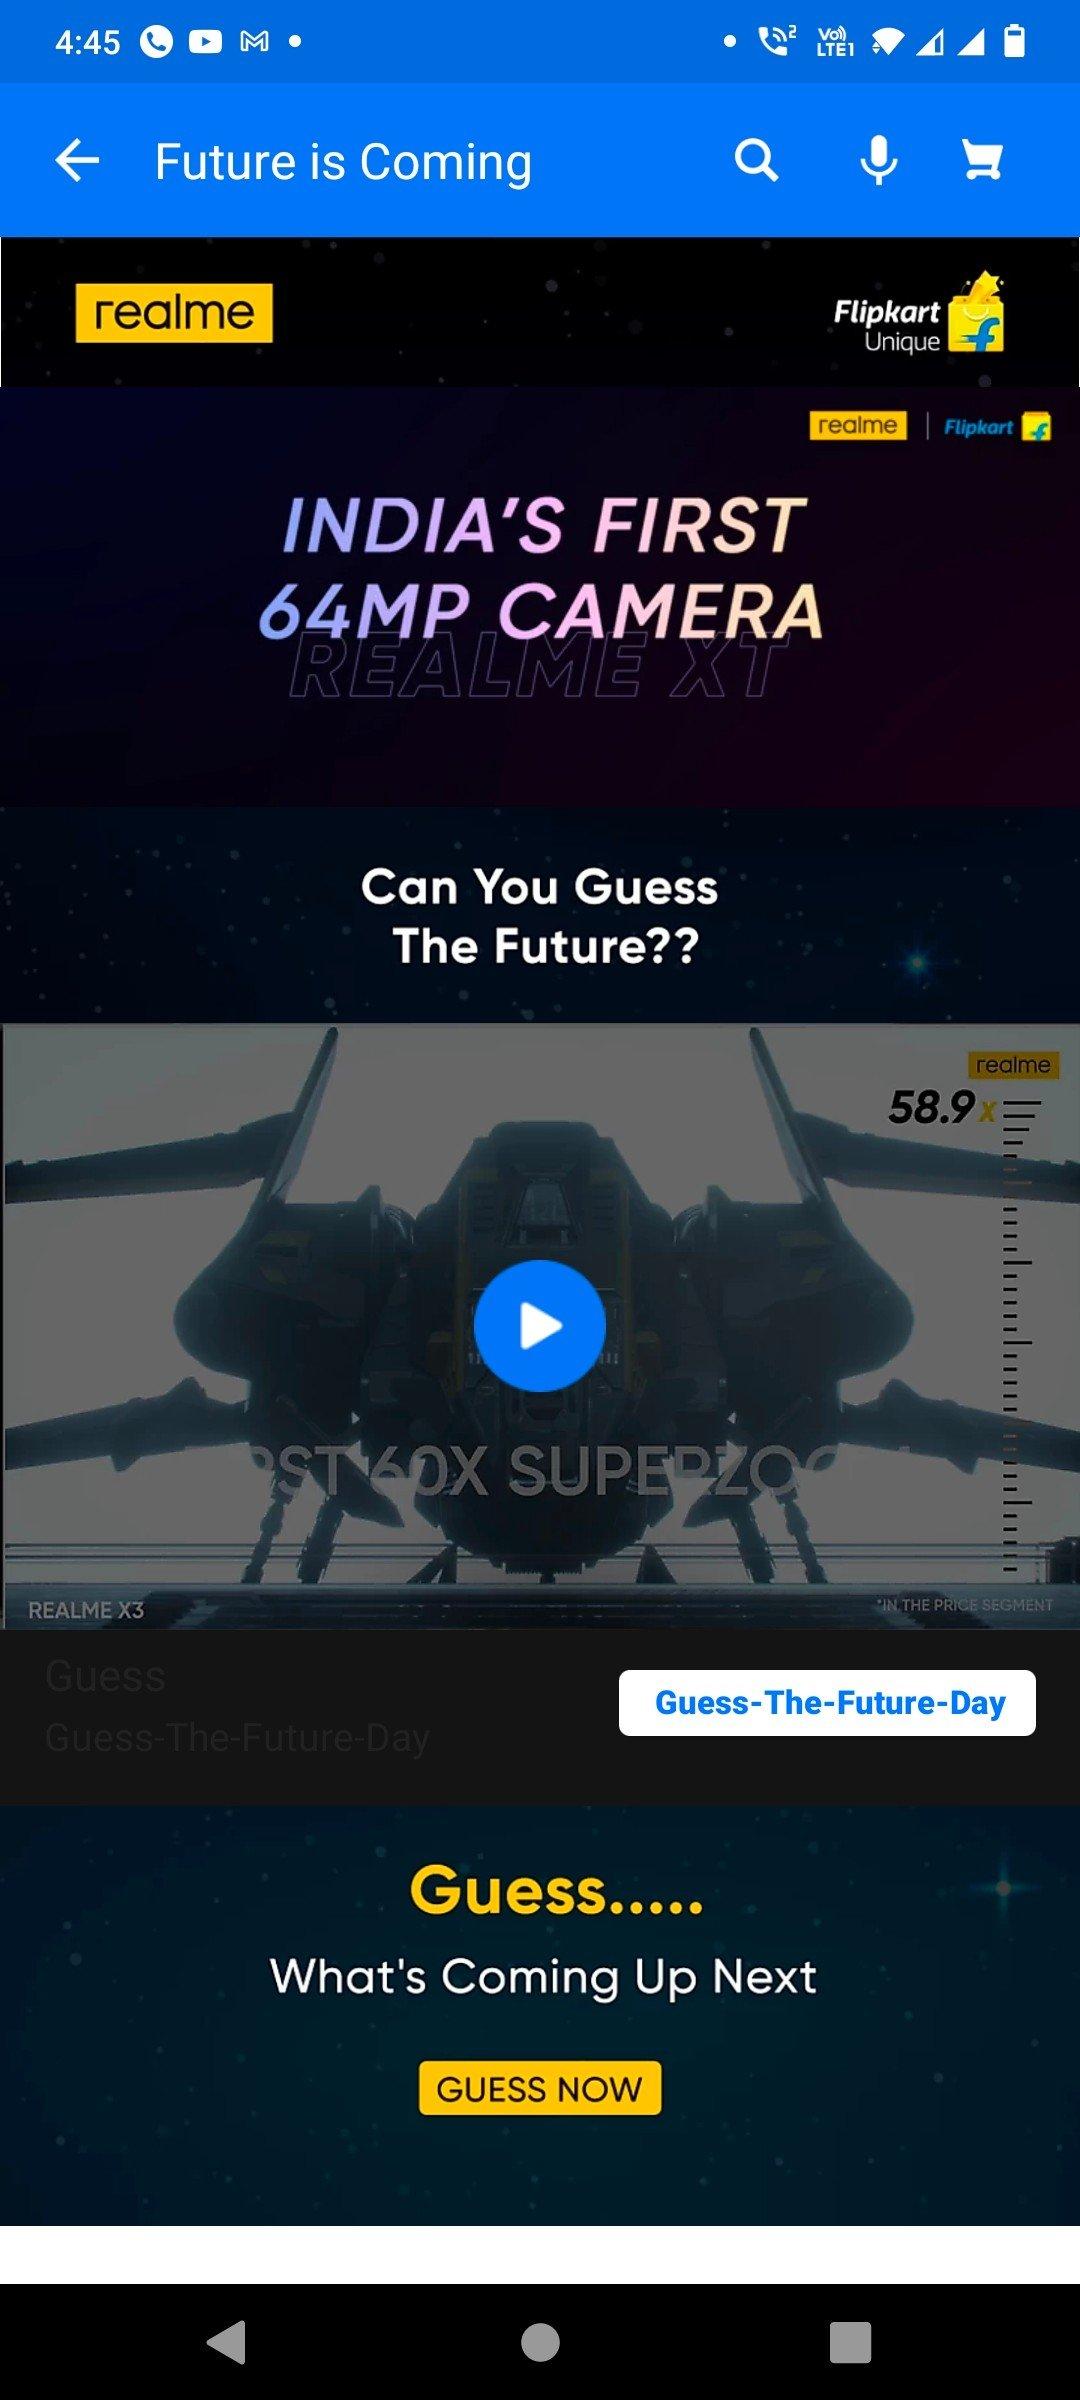 Realme X7 teaser page on Flipkart